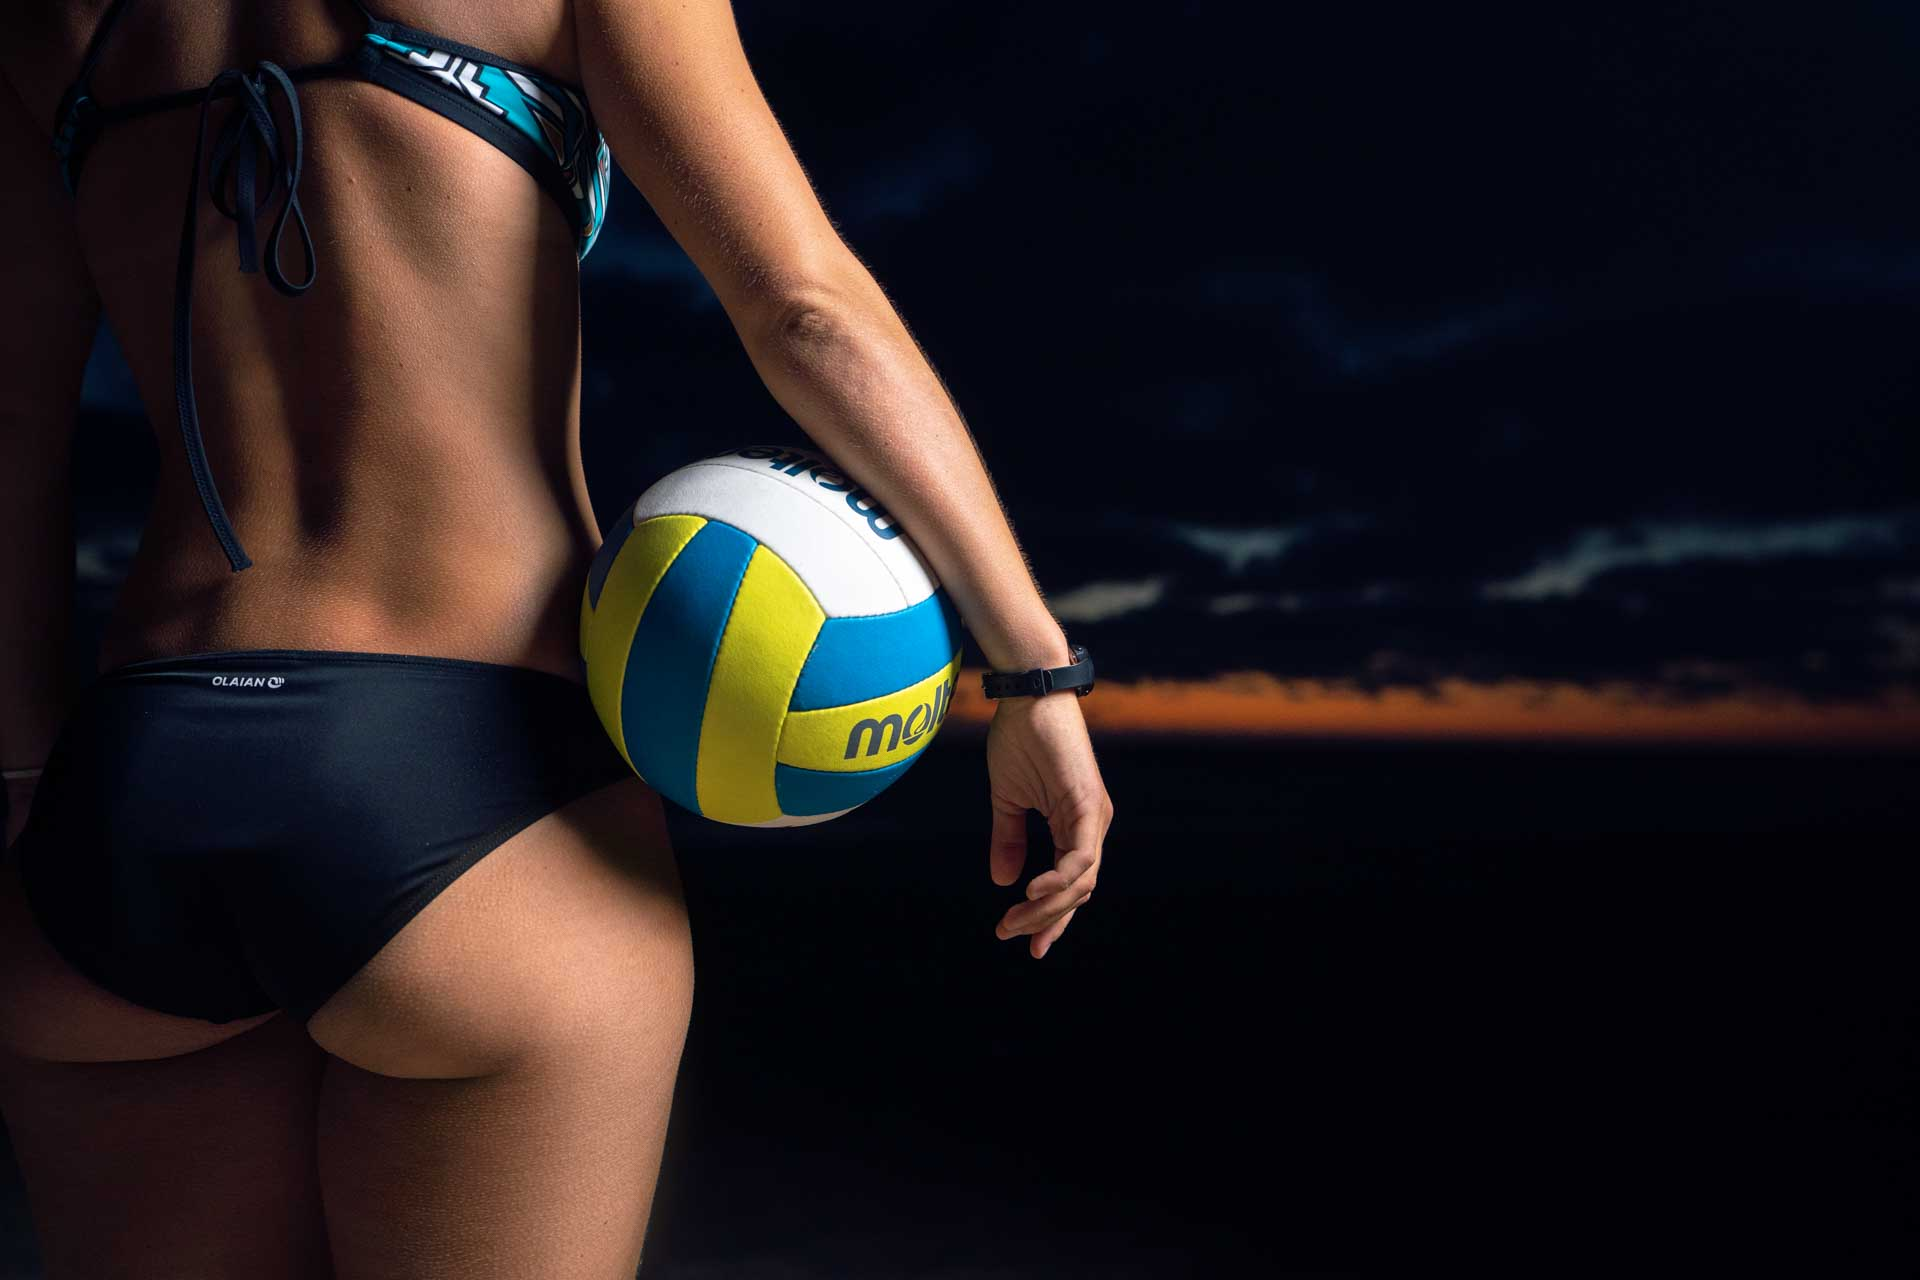 Sportfotos vom Beachvolleyball am Stand in Frankreich